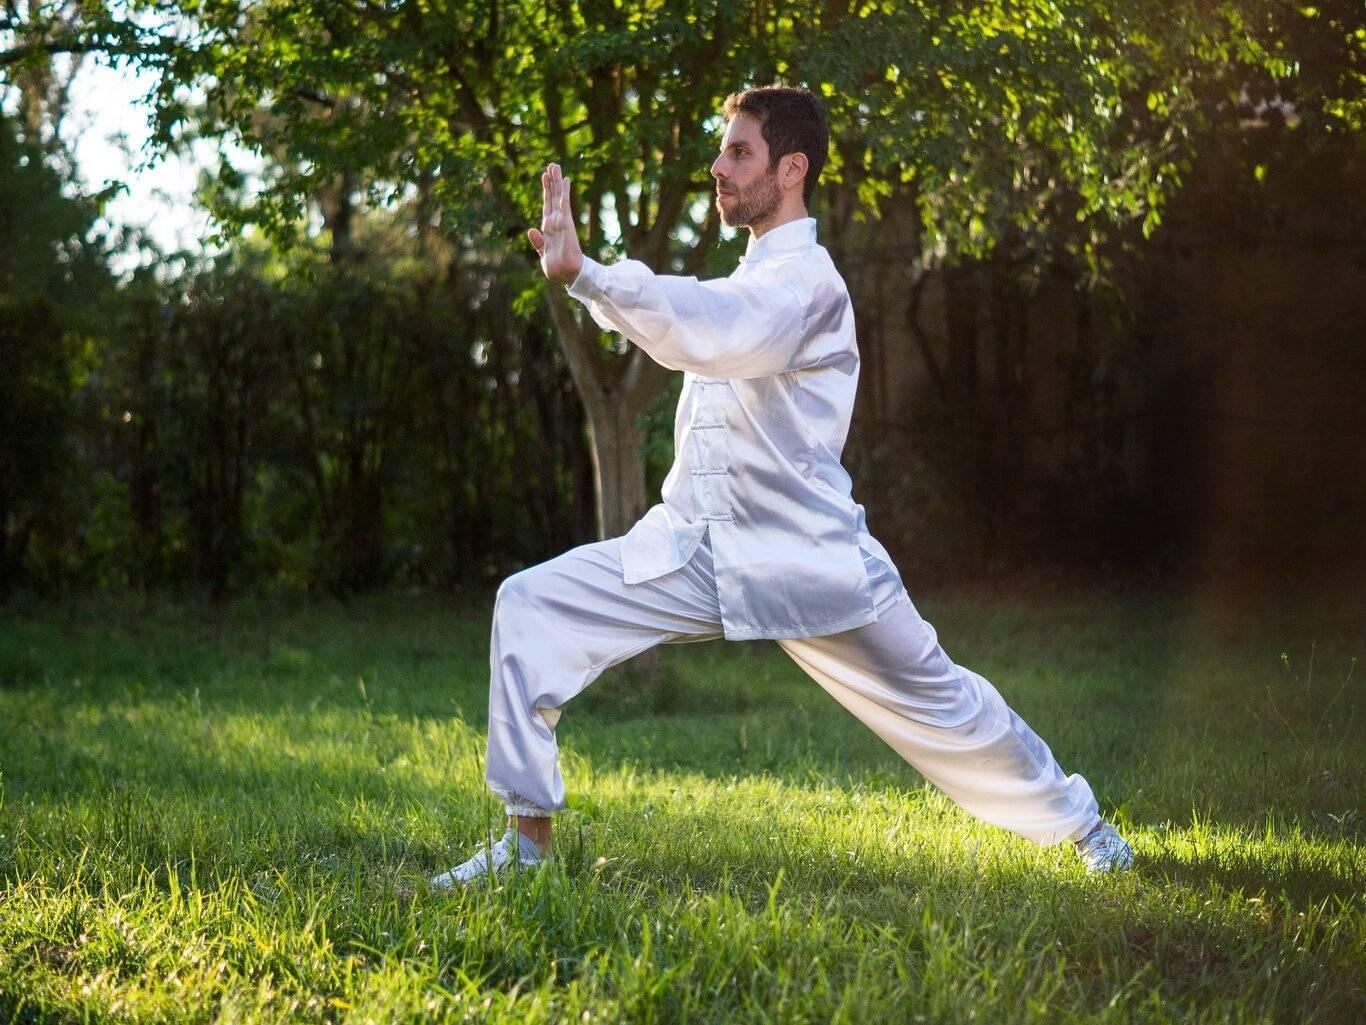 Гимнастика тайцзи – цигун это восточная эффективная практика для оздоровления и долголетия - подружки - медиаплатформа миртесен